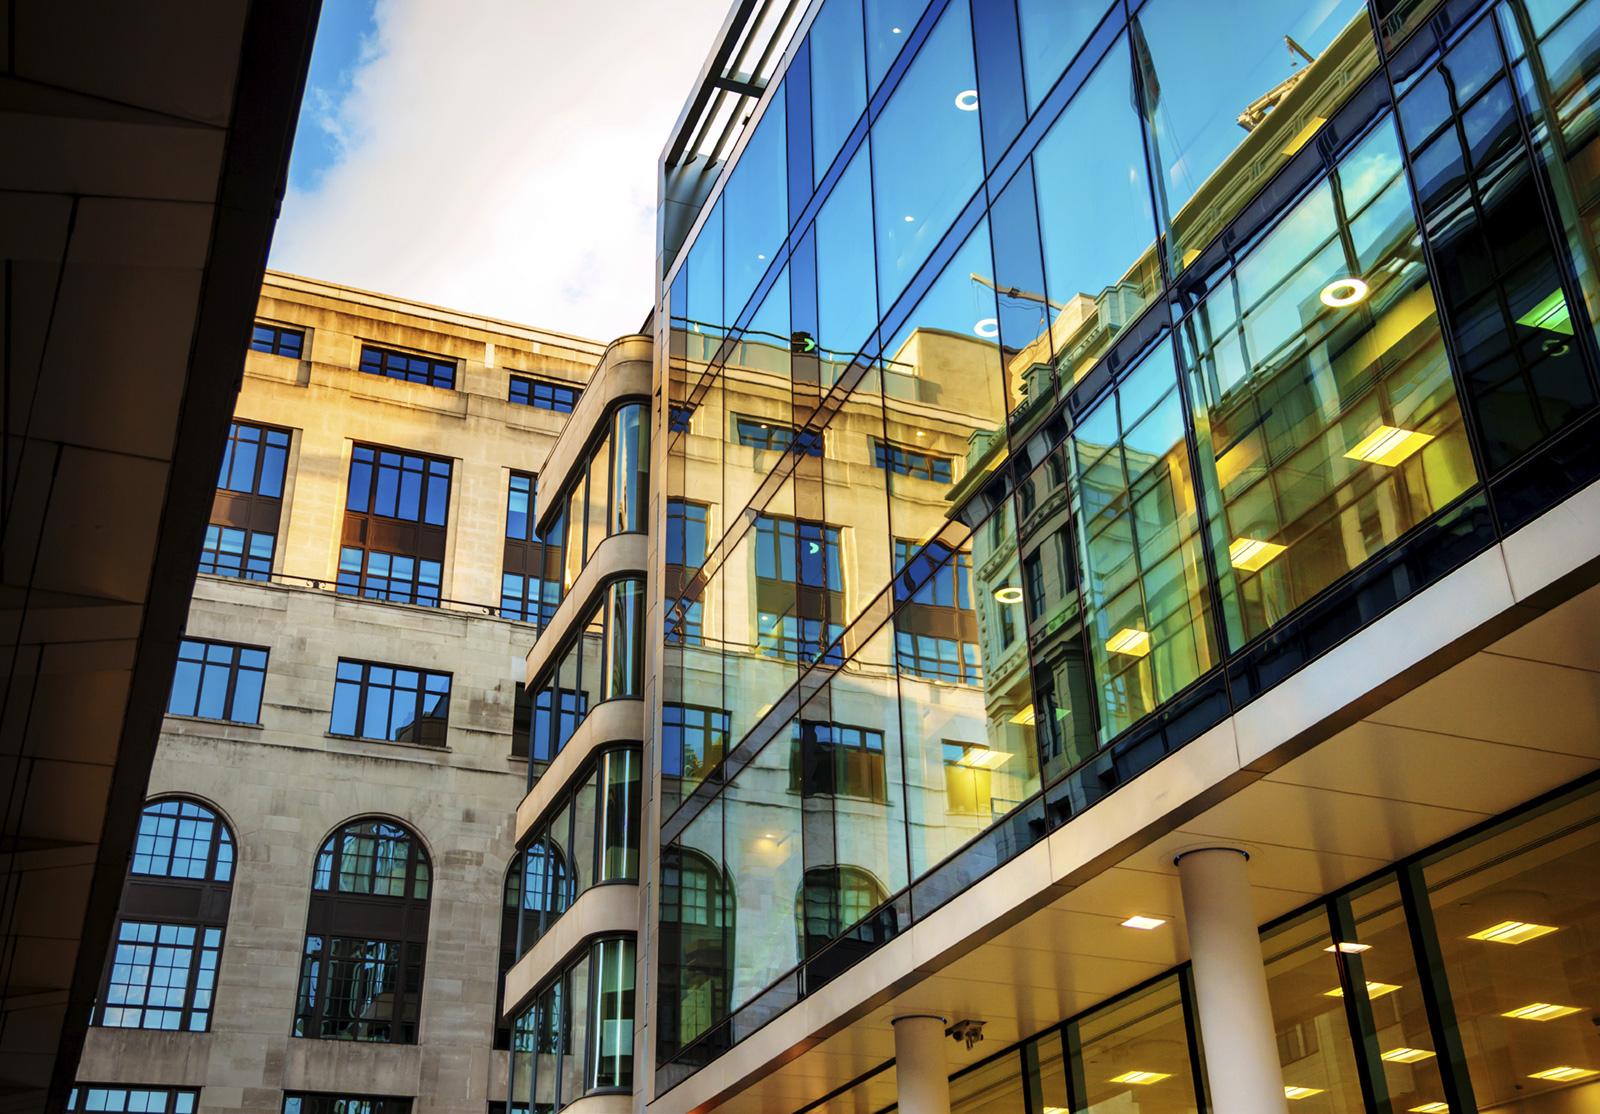 Immobilier : de bonnes nouvelles fiscales pour 2015 – Vendredi, 10 Octobre 2014